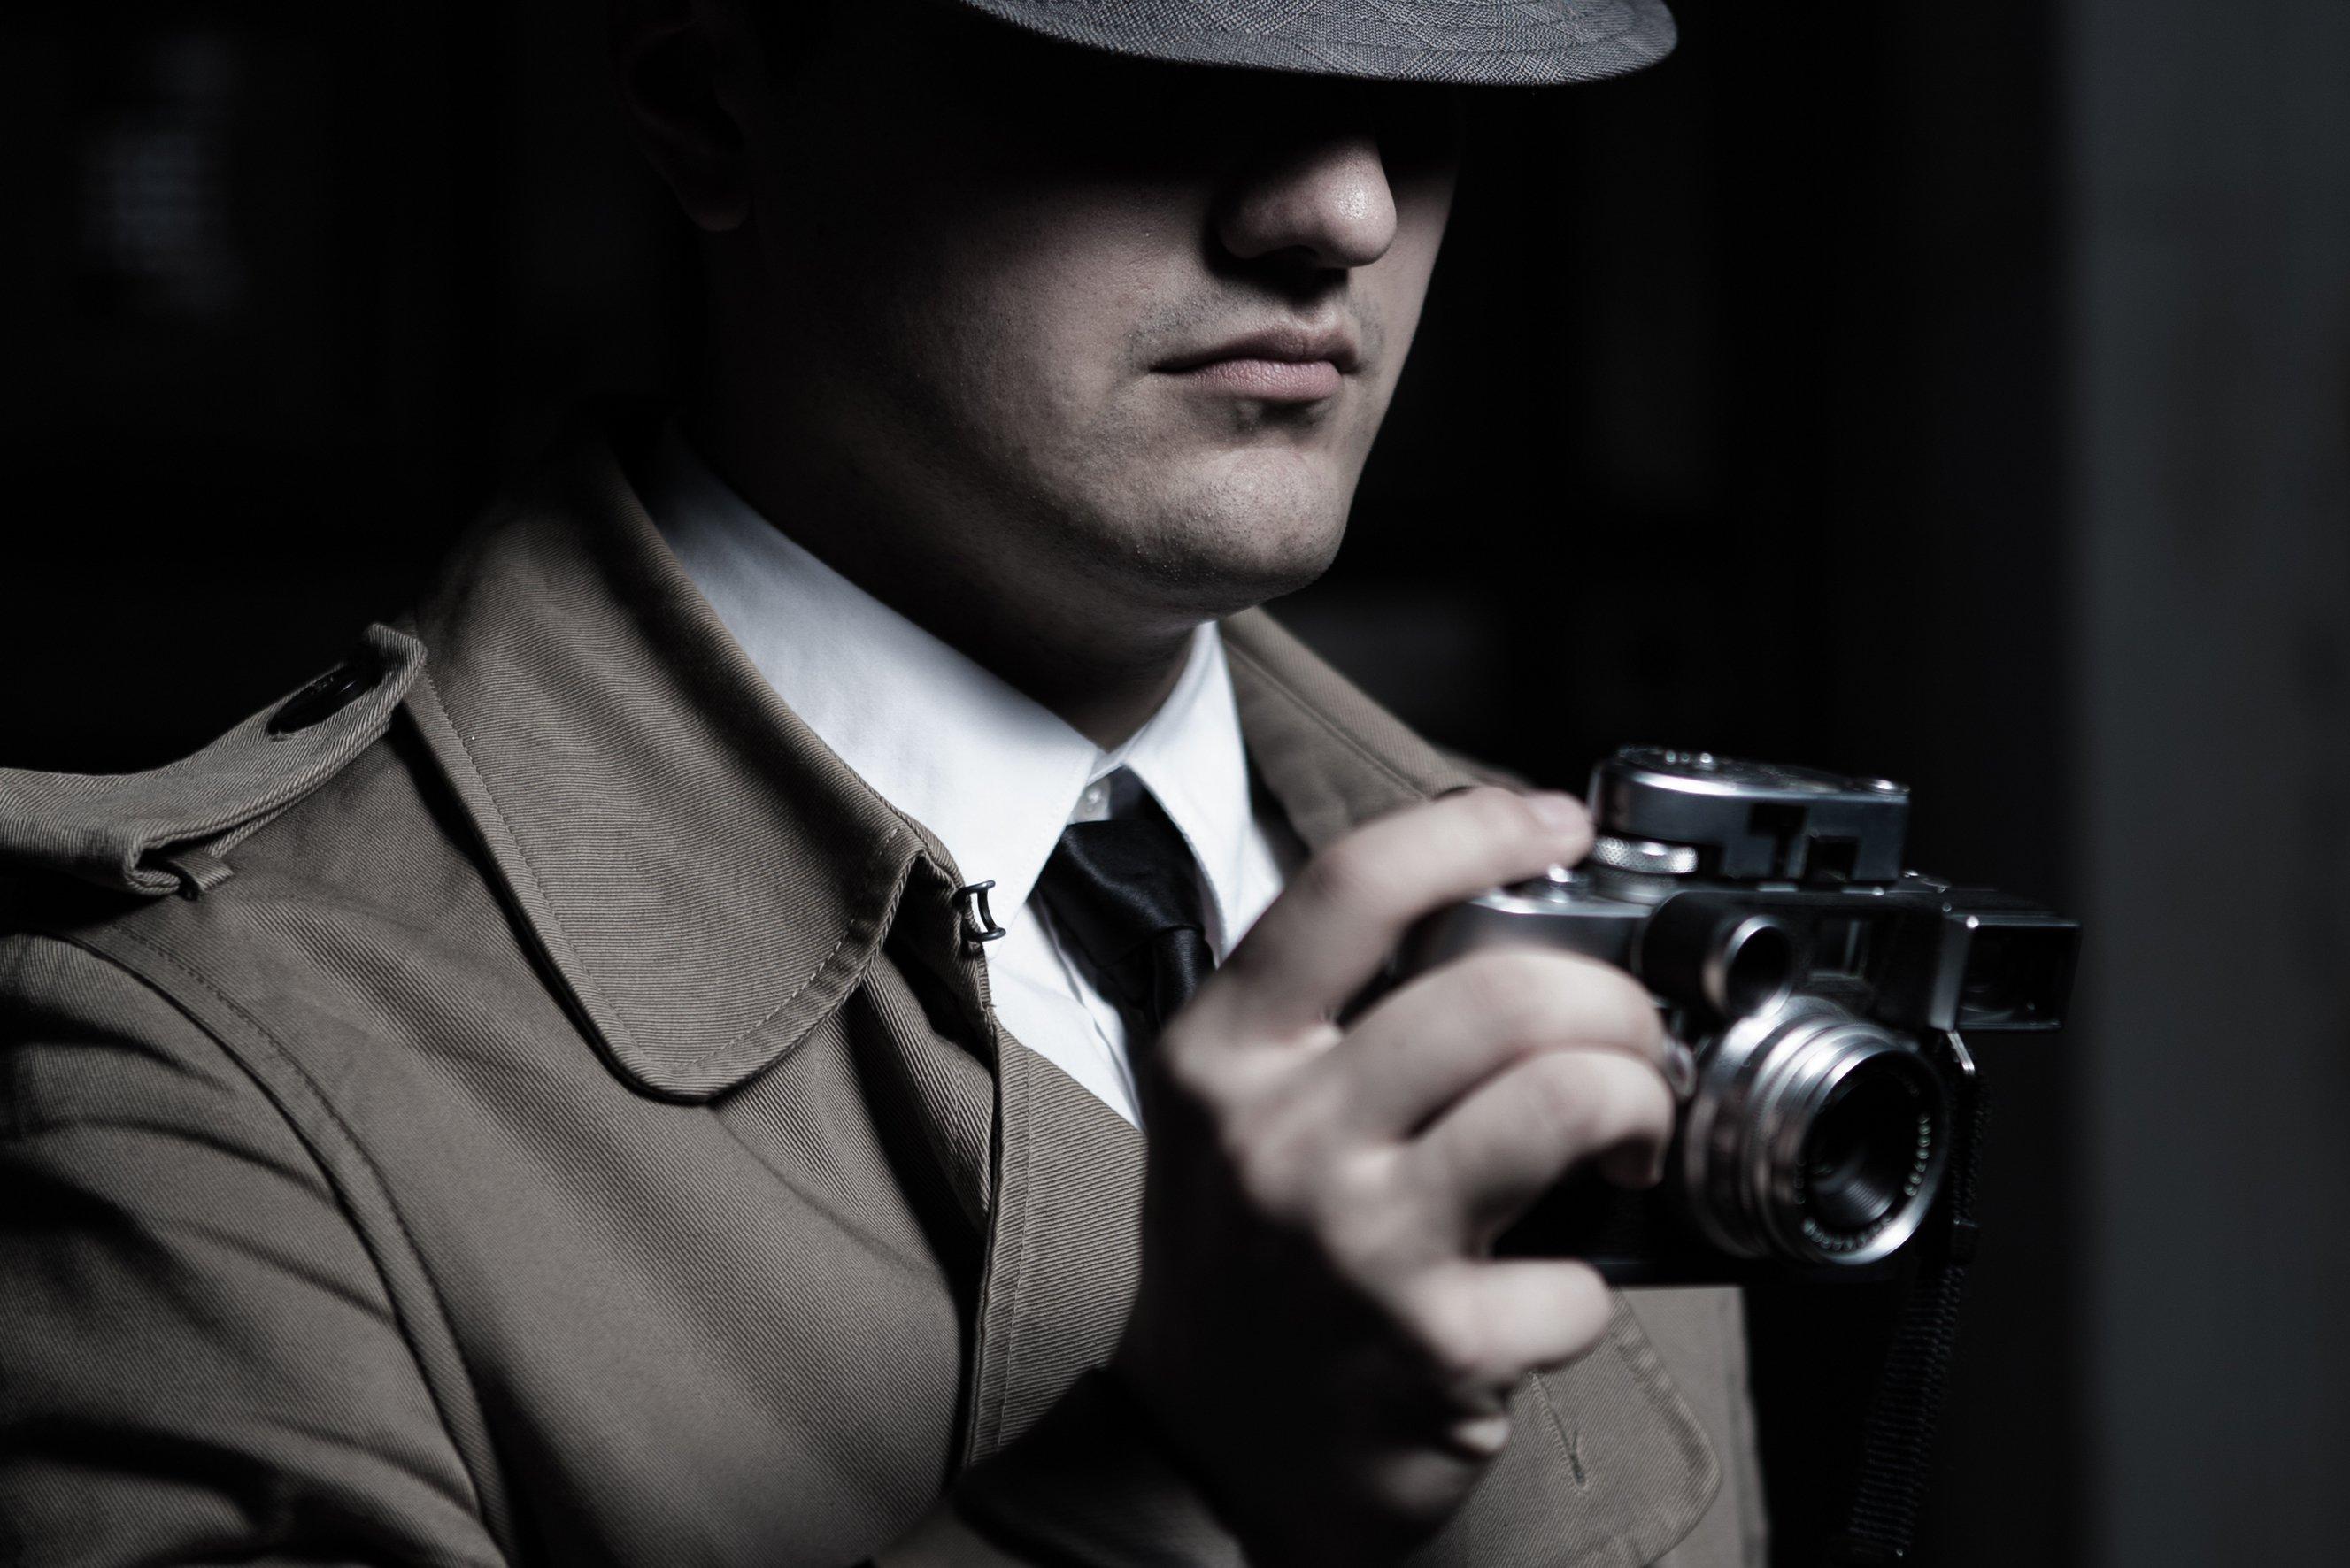 Открытки, прикольные картинки про шпионов и разведчиков